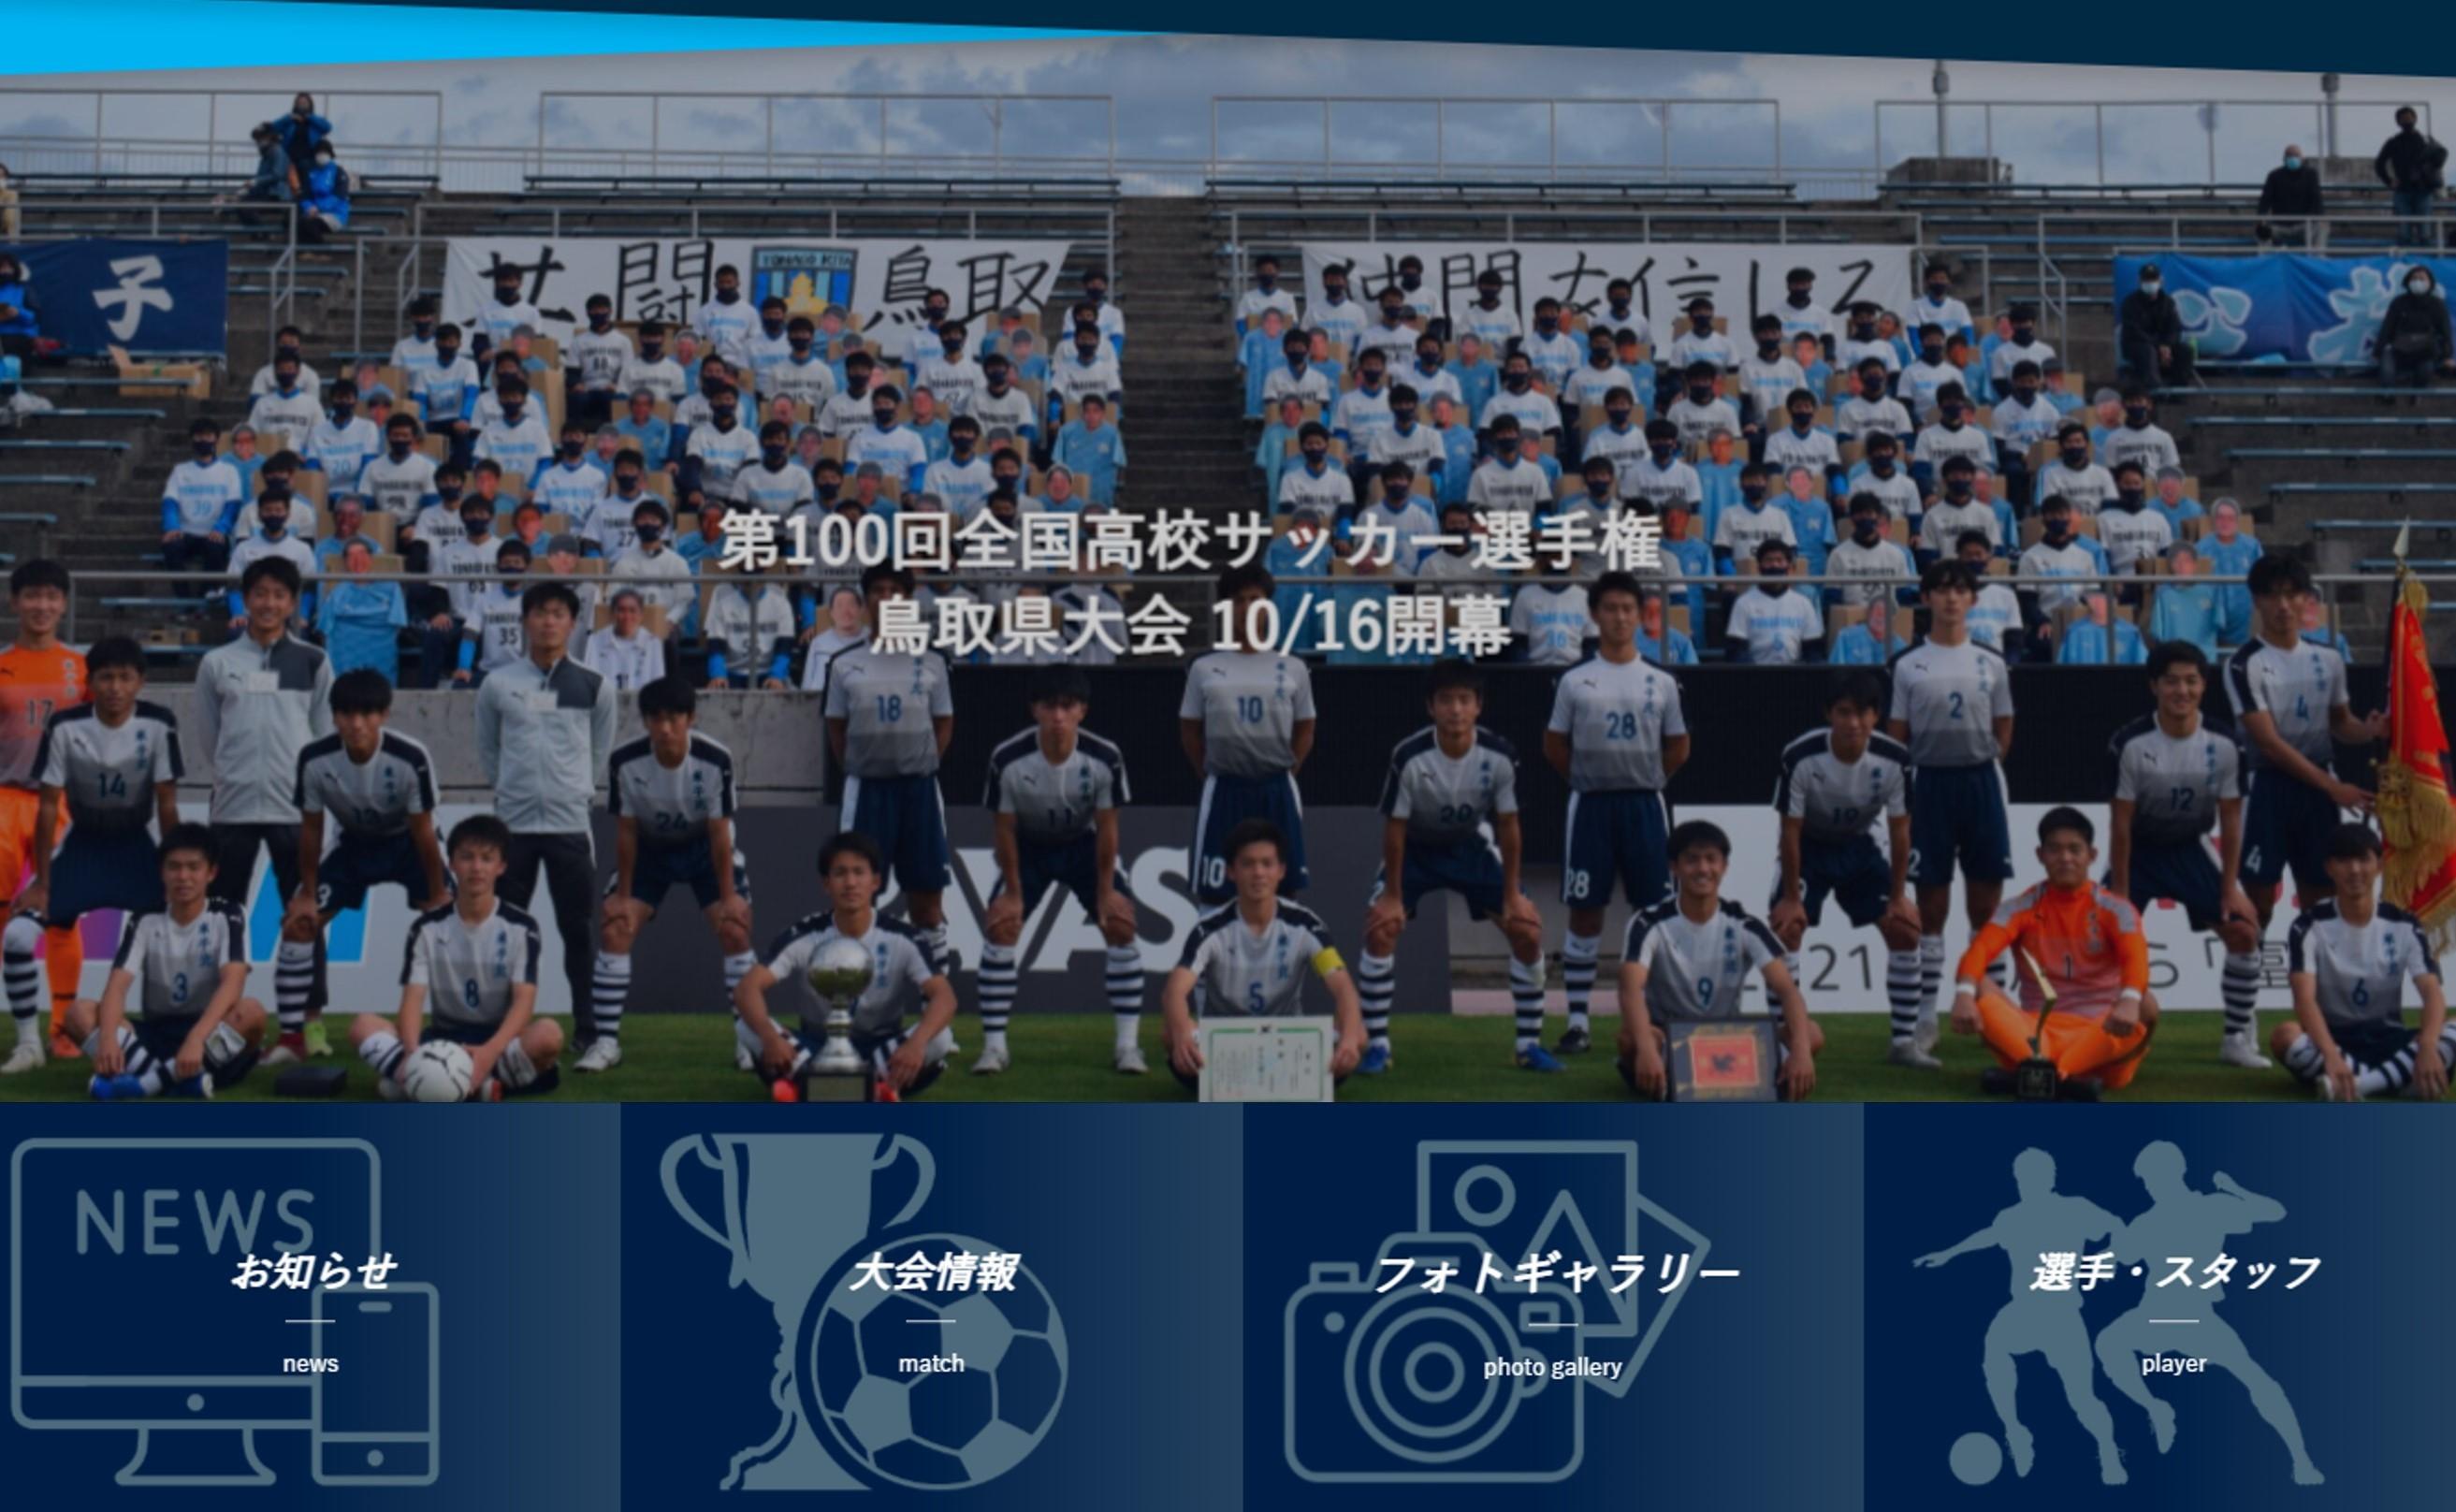 サッカー部公式サイト リニューアルのお知らせ